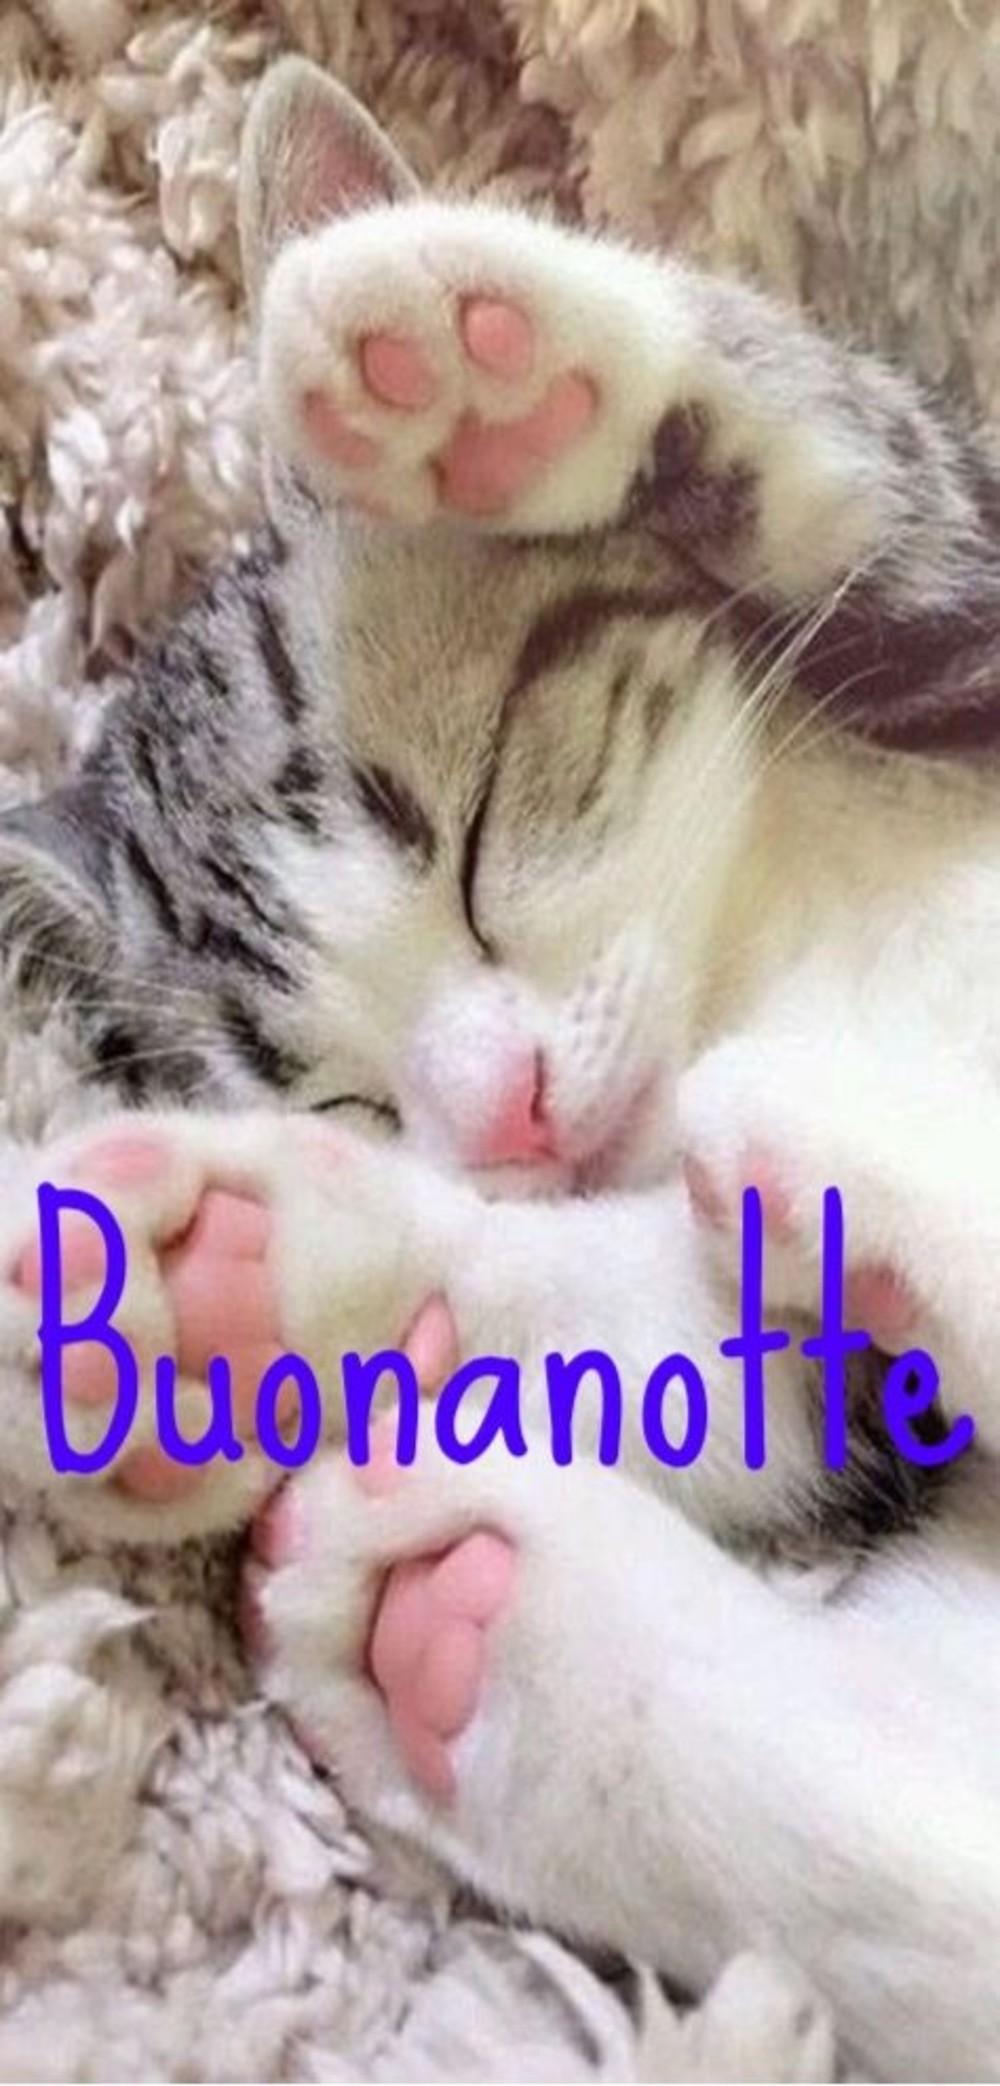 Immagini Buonanotte Gatti 2 Buongiornocolsorrisoit